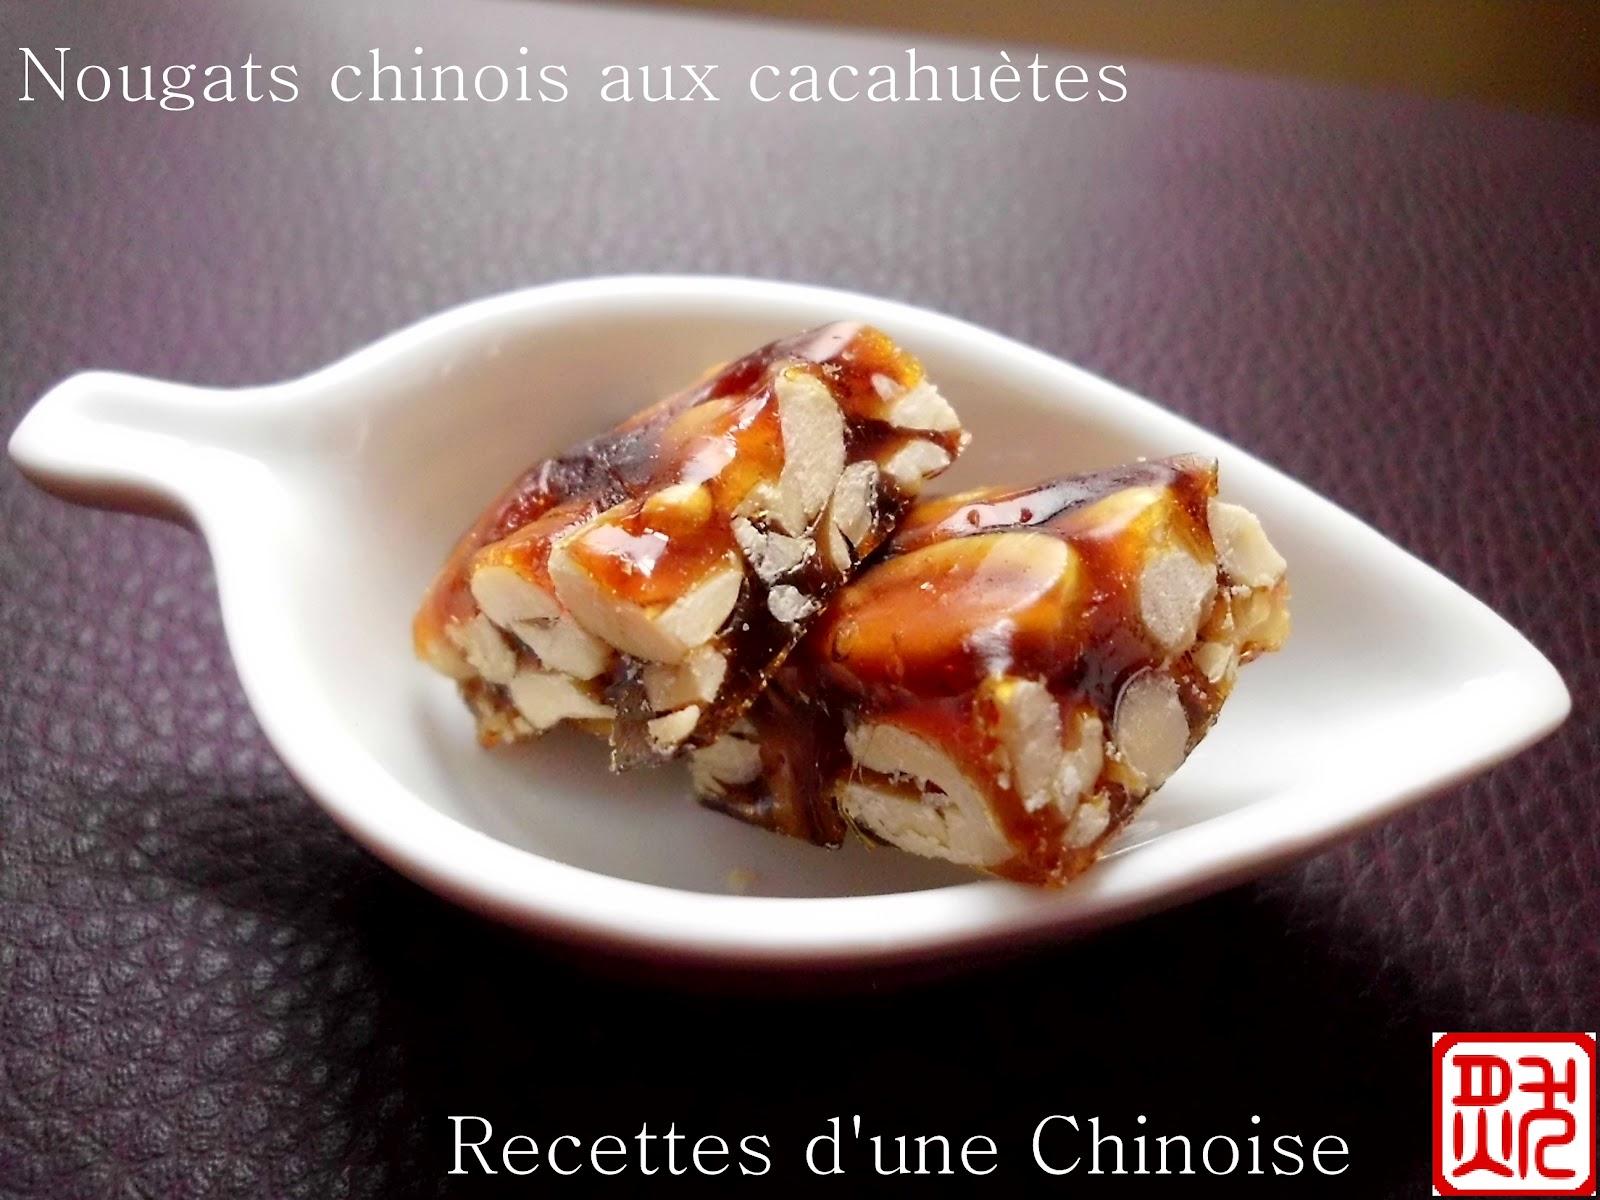 Nougats chinois croquants aux cacahu tes et aux s sames for Acheter un chinois cuisine